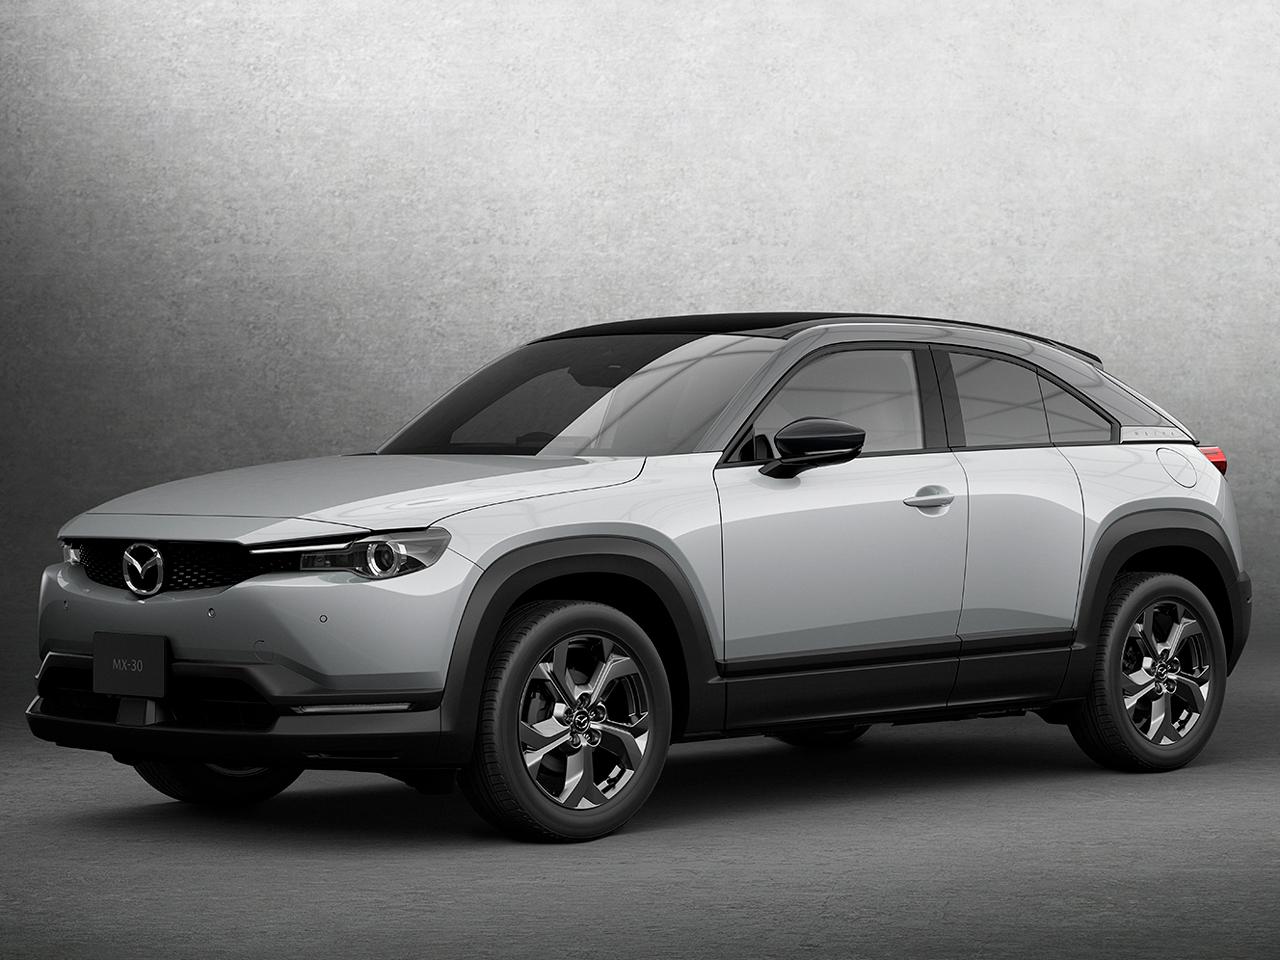 マツダ MX-30 2020年モデル 新車画像